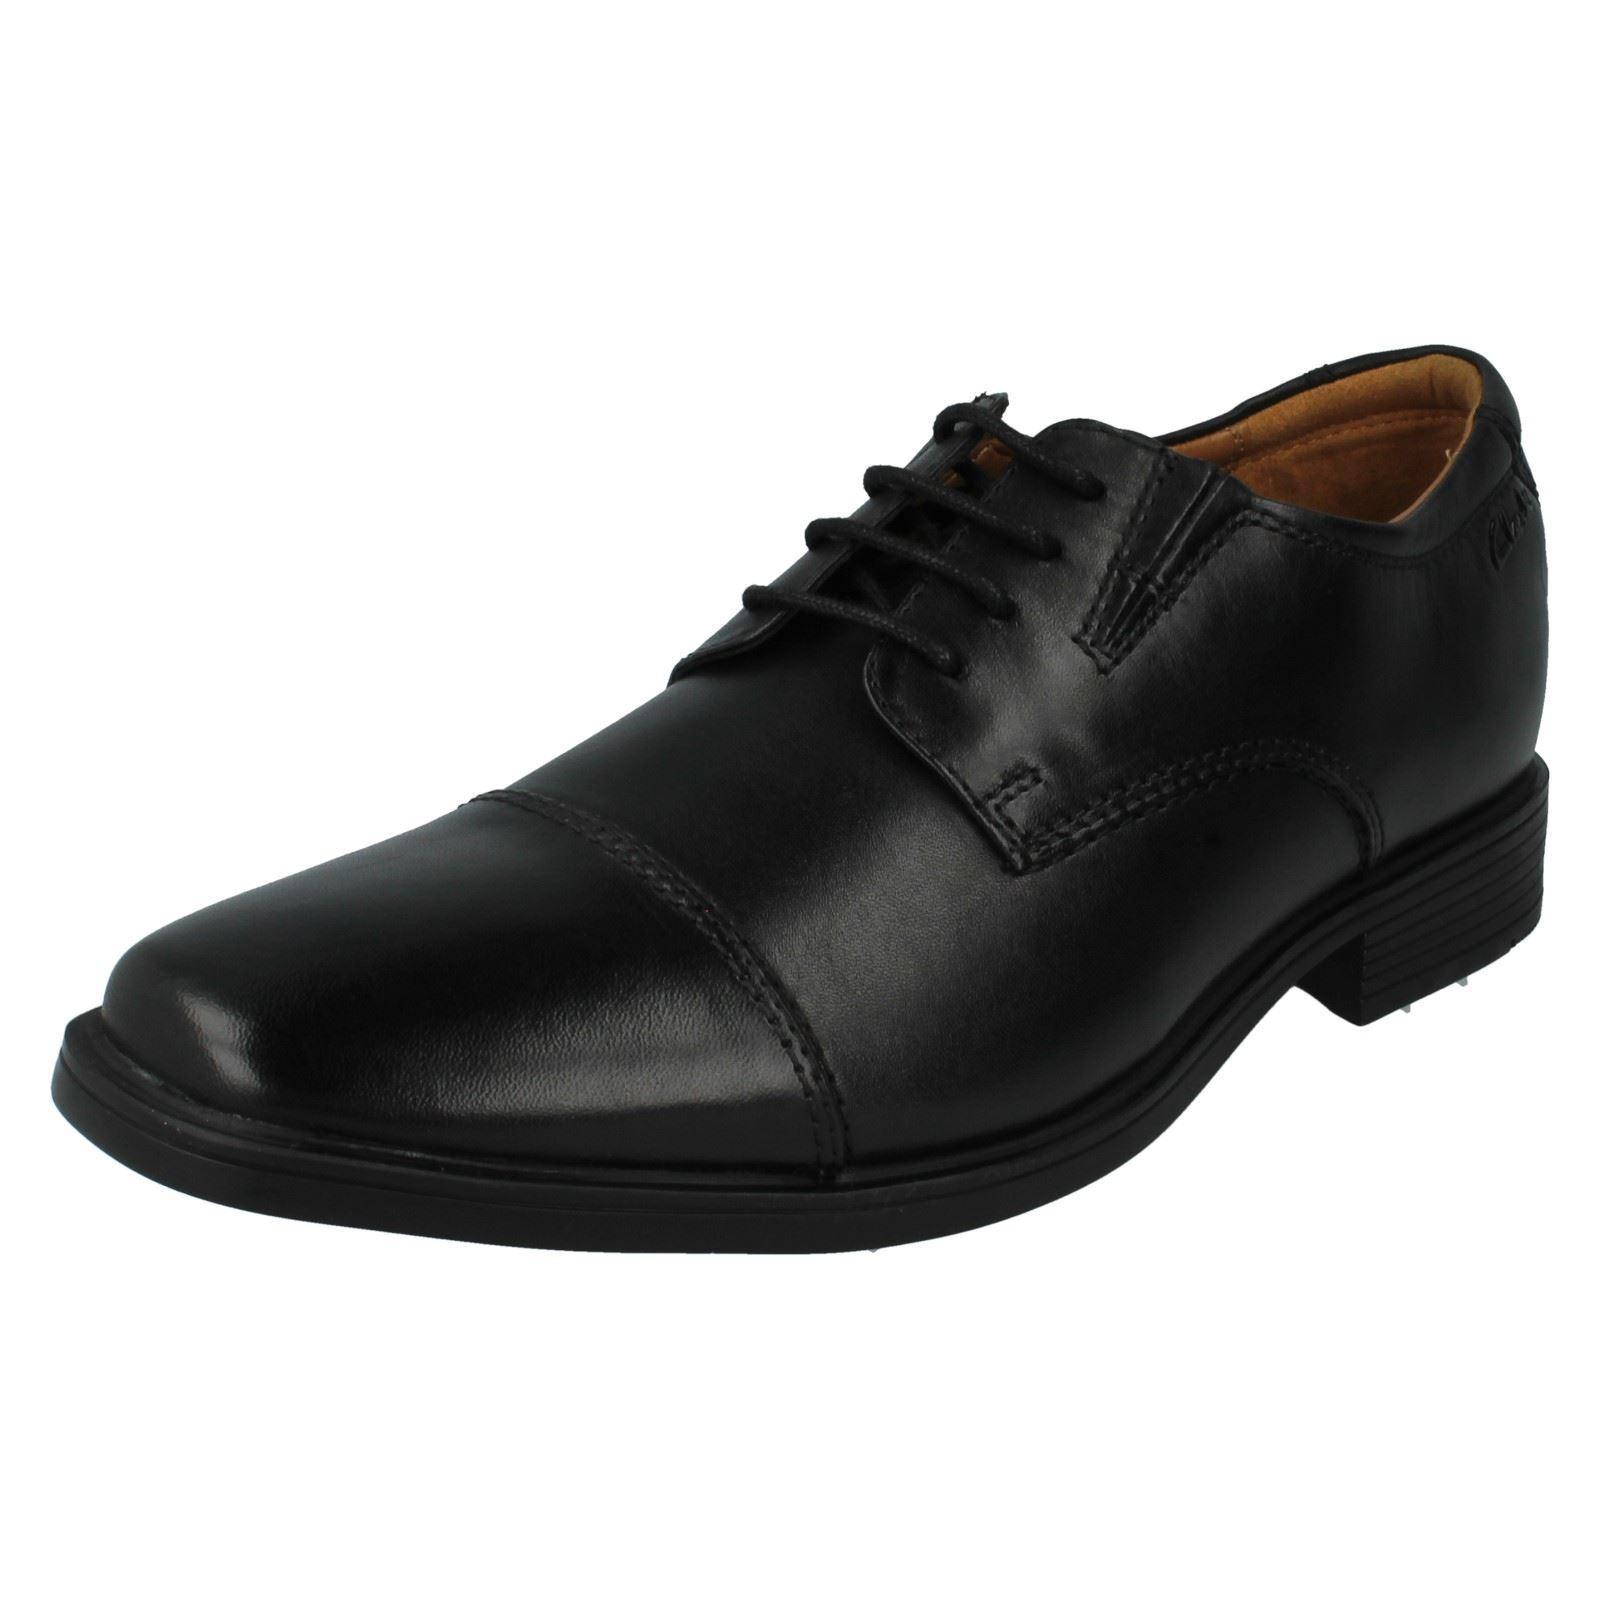 Hombre Clarks Negro Leather Cordones Tilden gorra